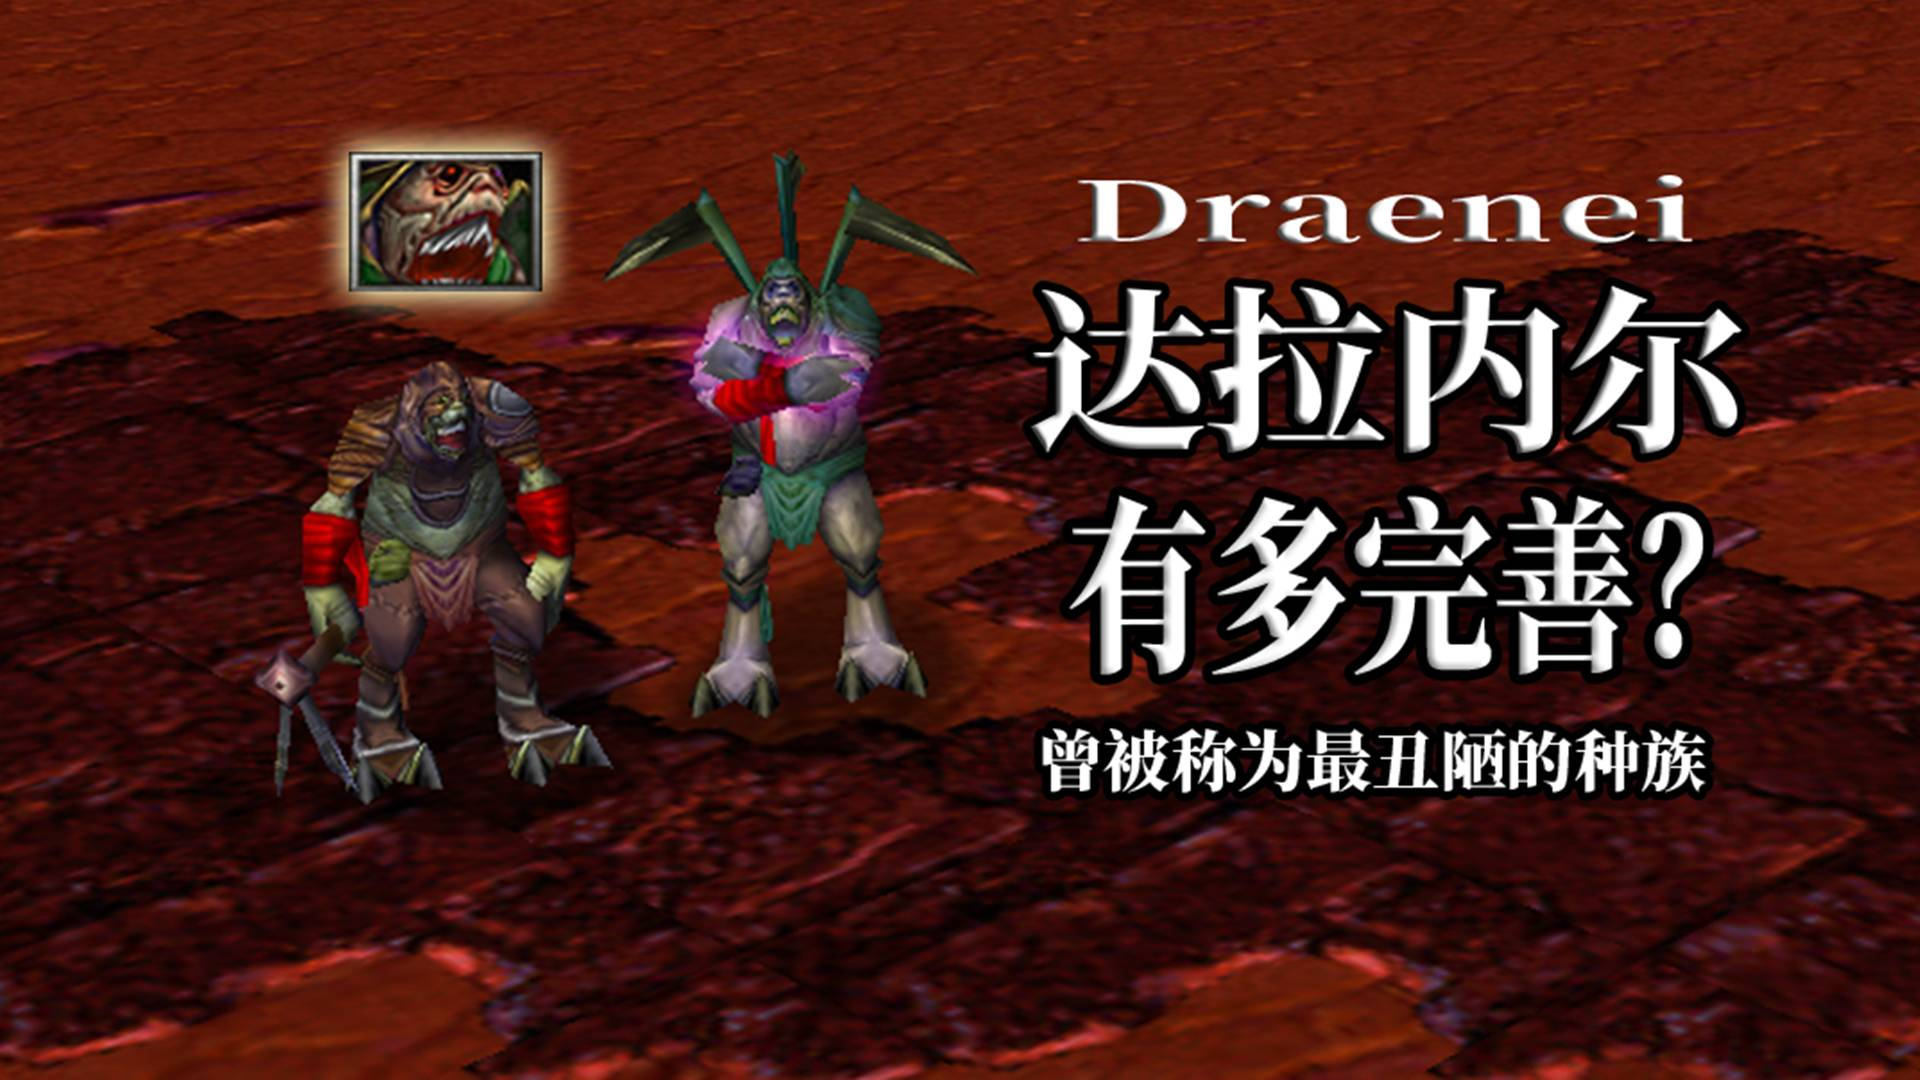 魔兽争霸:达拉内尔族全单位详解,这个种族究竟有多壮大?